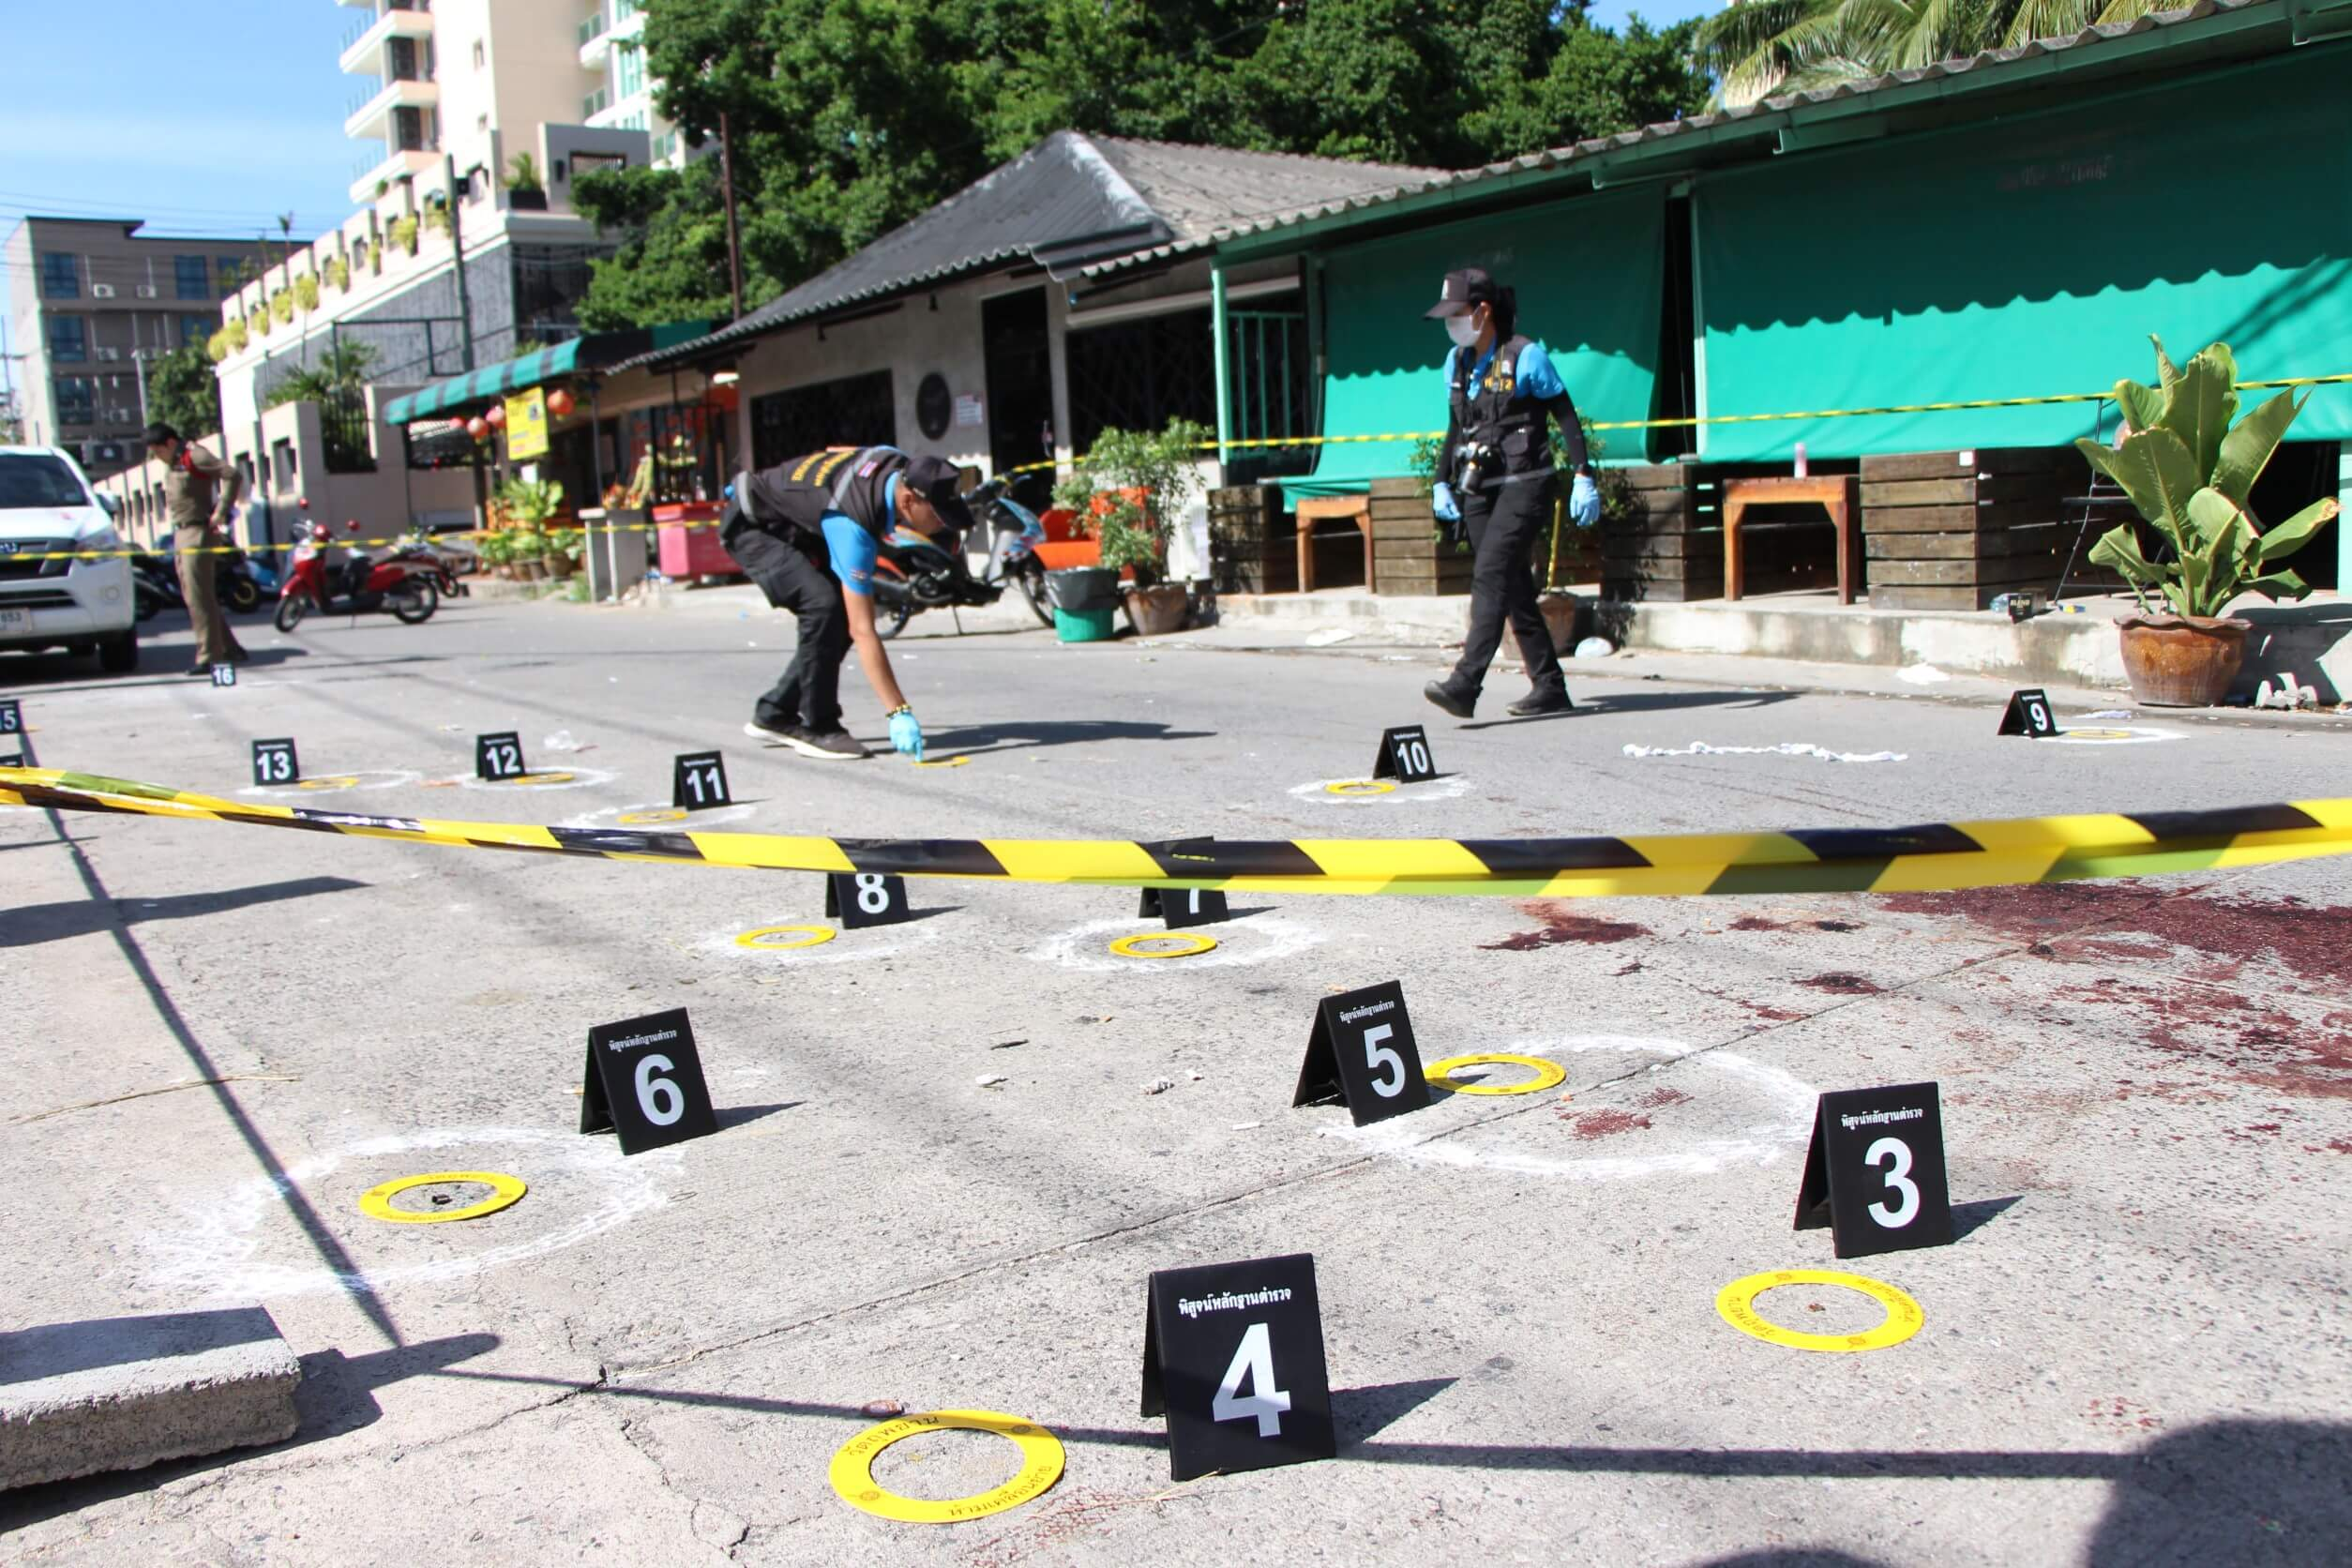 (มีคลิป) วิวาทร้านเหล้า เปิดฉากกระหน่ำยิงเกือบ 10 นัดเข้าหัวสาหัส 2 ราย